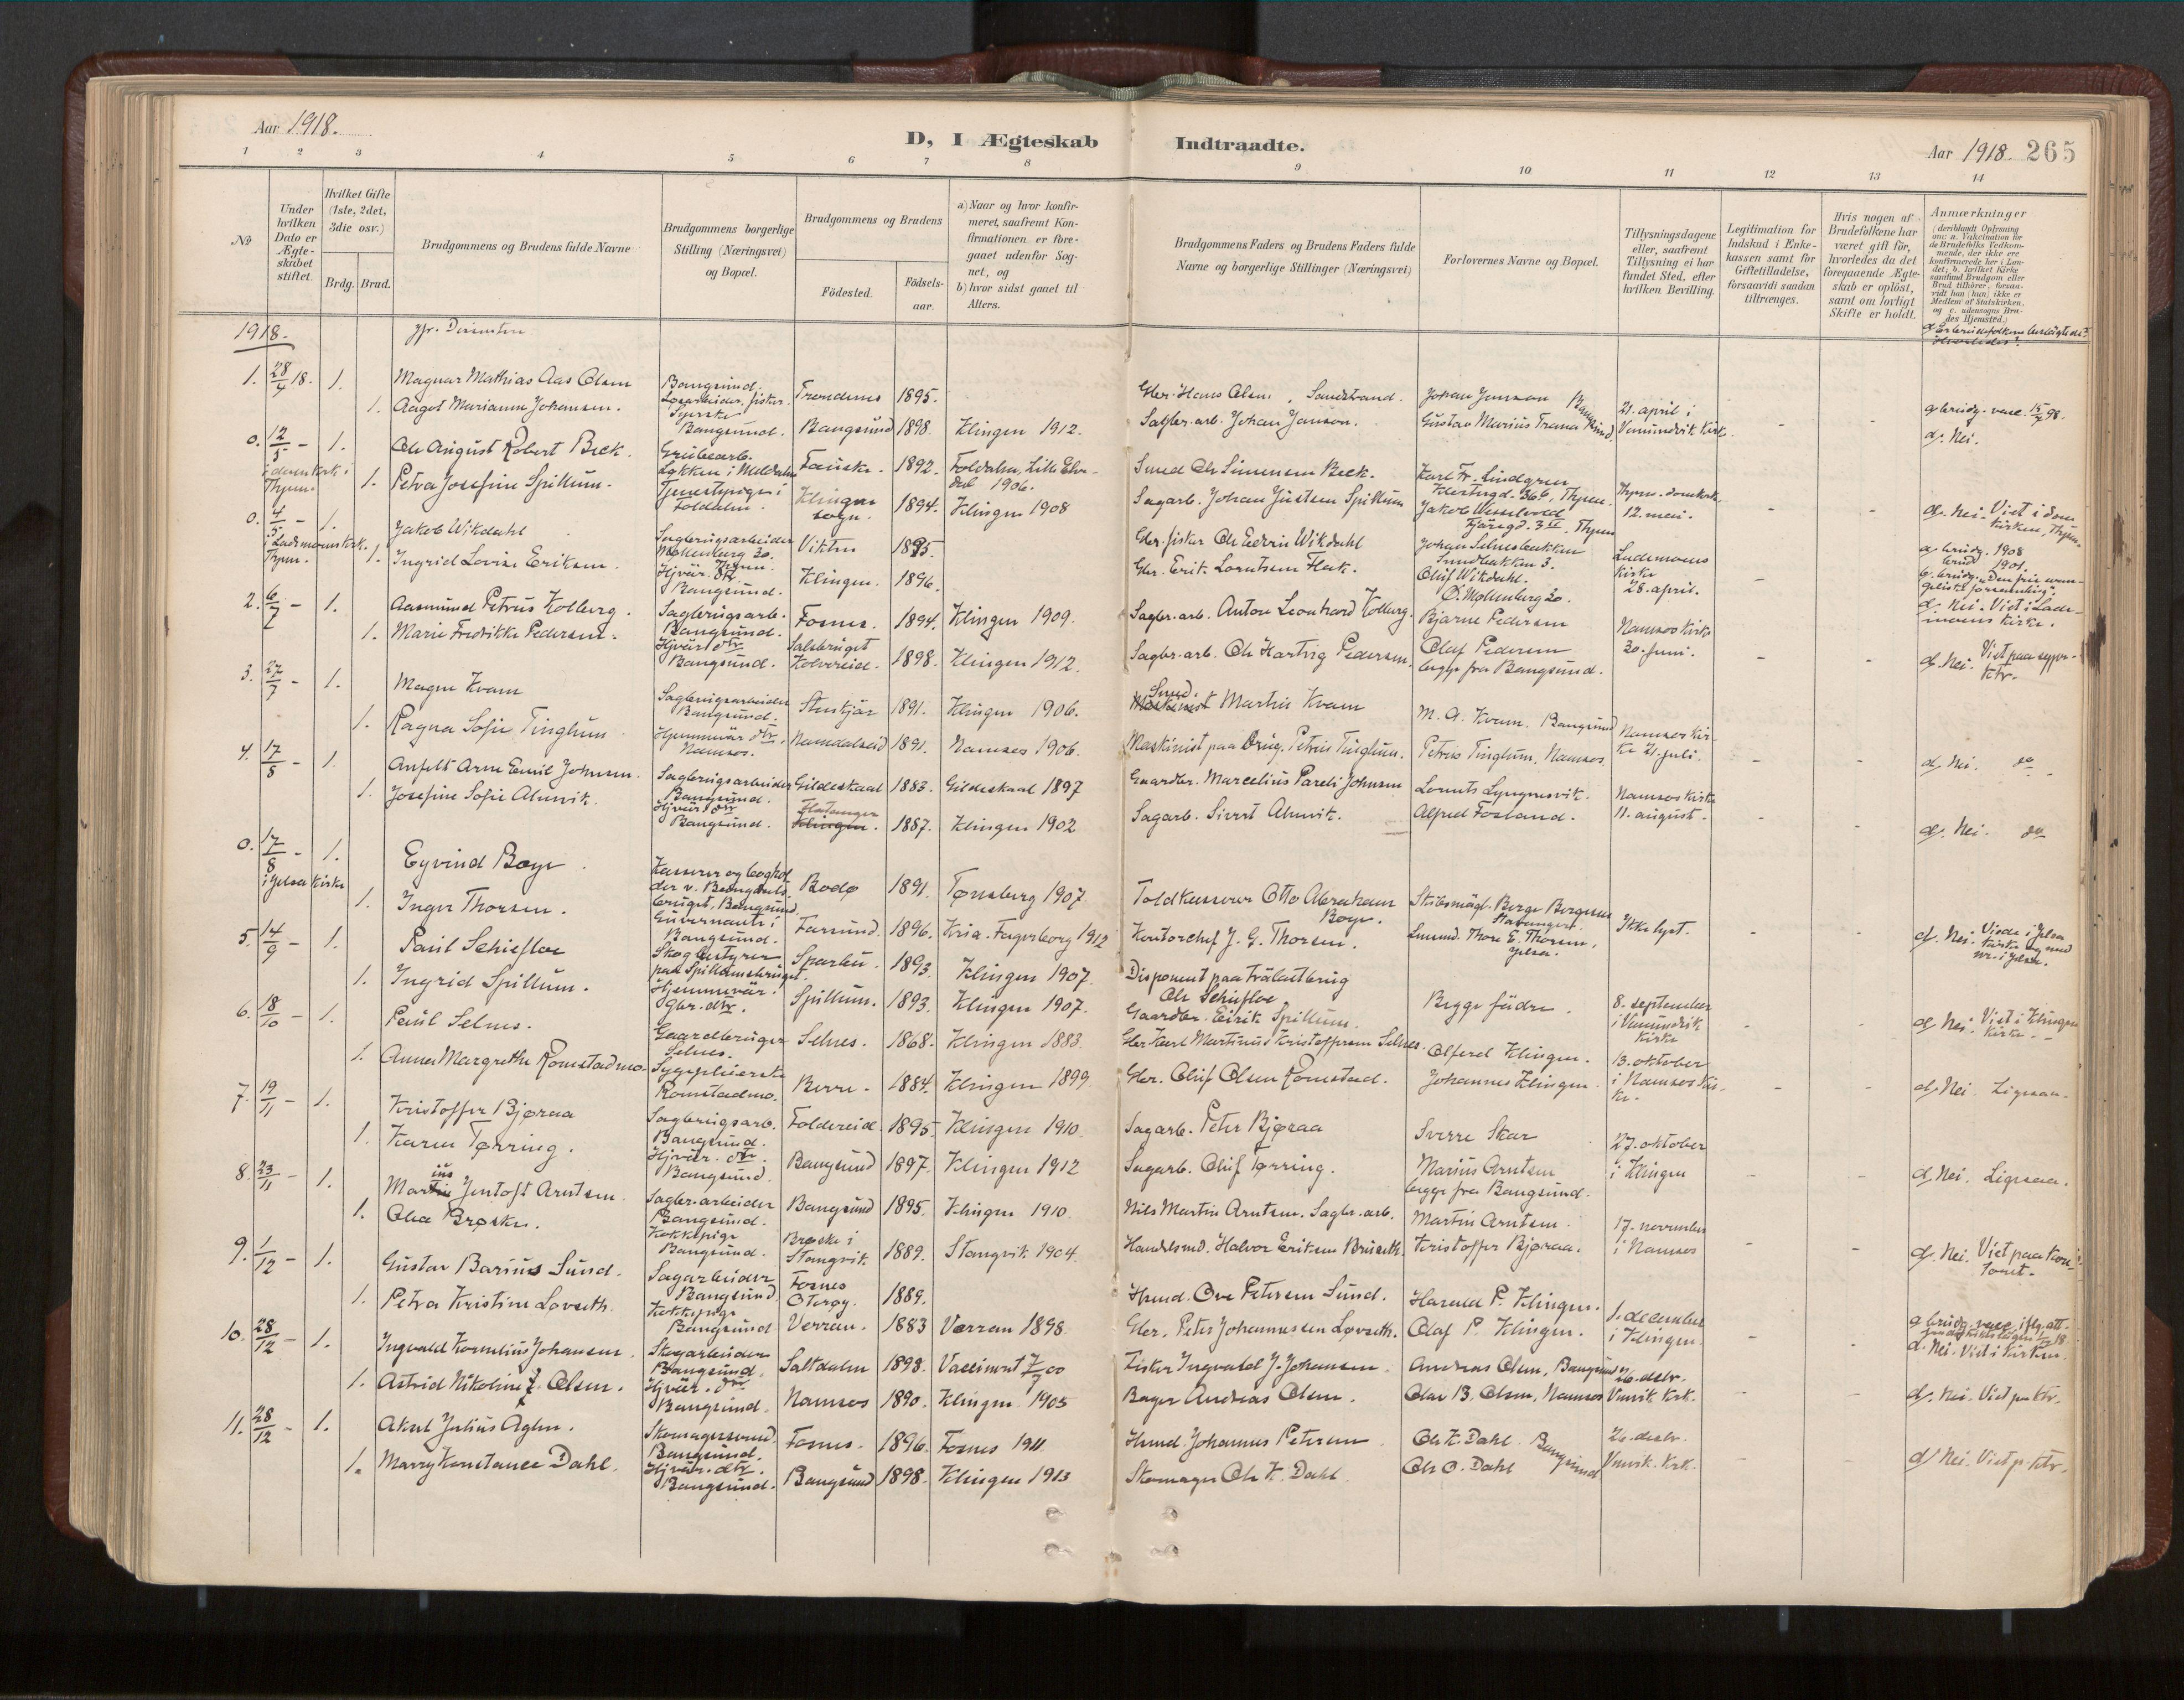 SAT, Ministerialprotokoller, klokkerbøker og fødselsregistre - Nord-Trøndelag, 770/L0589: Ministerialbok nr. 770A03, 1887-1929, s. 265